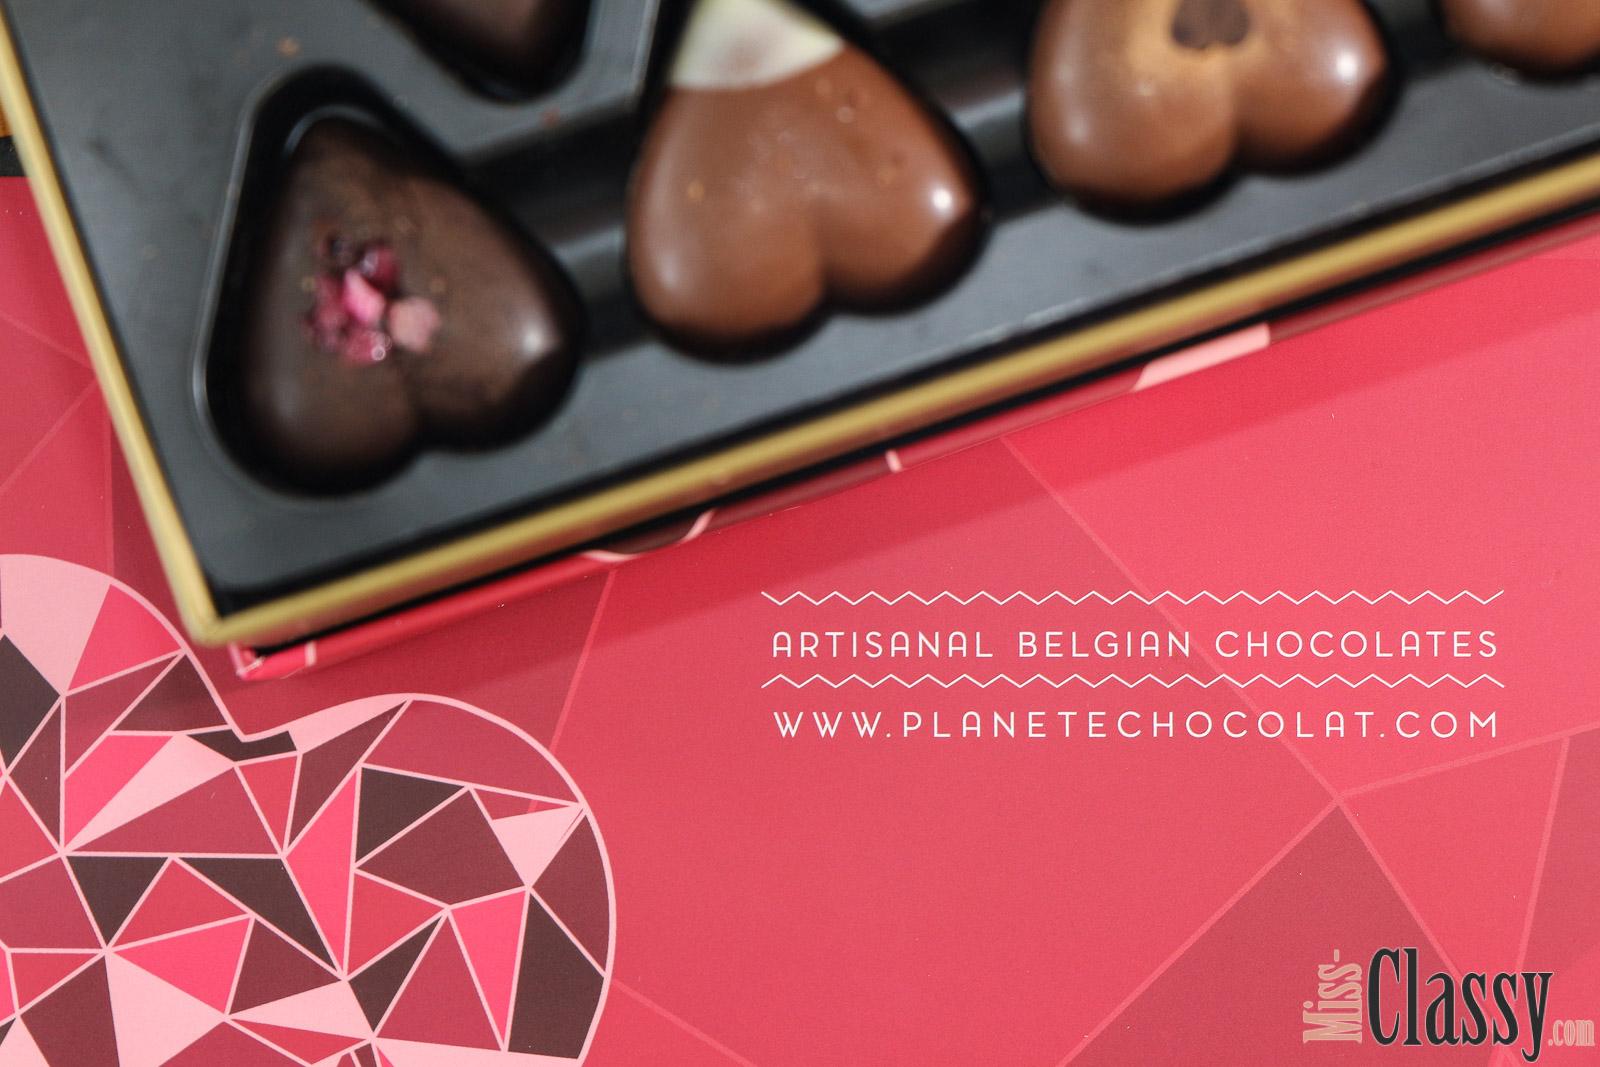 LIFESTYLE Luxuriöse Herzpralinen - eine süße Überraschung aus Belgien von Planète Chocolat, Miss Classy, miss-classy.com, Lifestyleblog, Lifestyleblogger, Lifestyleblog Graz, Graz, Steiermark, Österreich, classy, beclassy, Schokolade, Belgische Pralinen, Herz, Sweets, handgefertigte belgische Pralinen, Hochwertige belgische Schokolade, 100% reine Kakaobutter, genfreie Zutaten, ohne Konservierungs- oder Farbstoffe, luxuriöse Box speziell für Verliebte, luxuriöse Herzpralinen